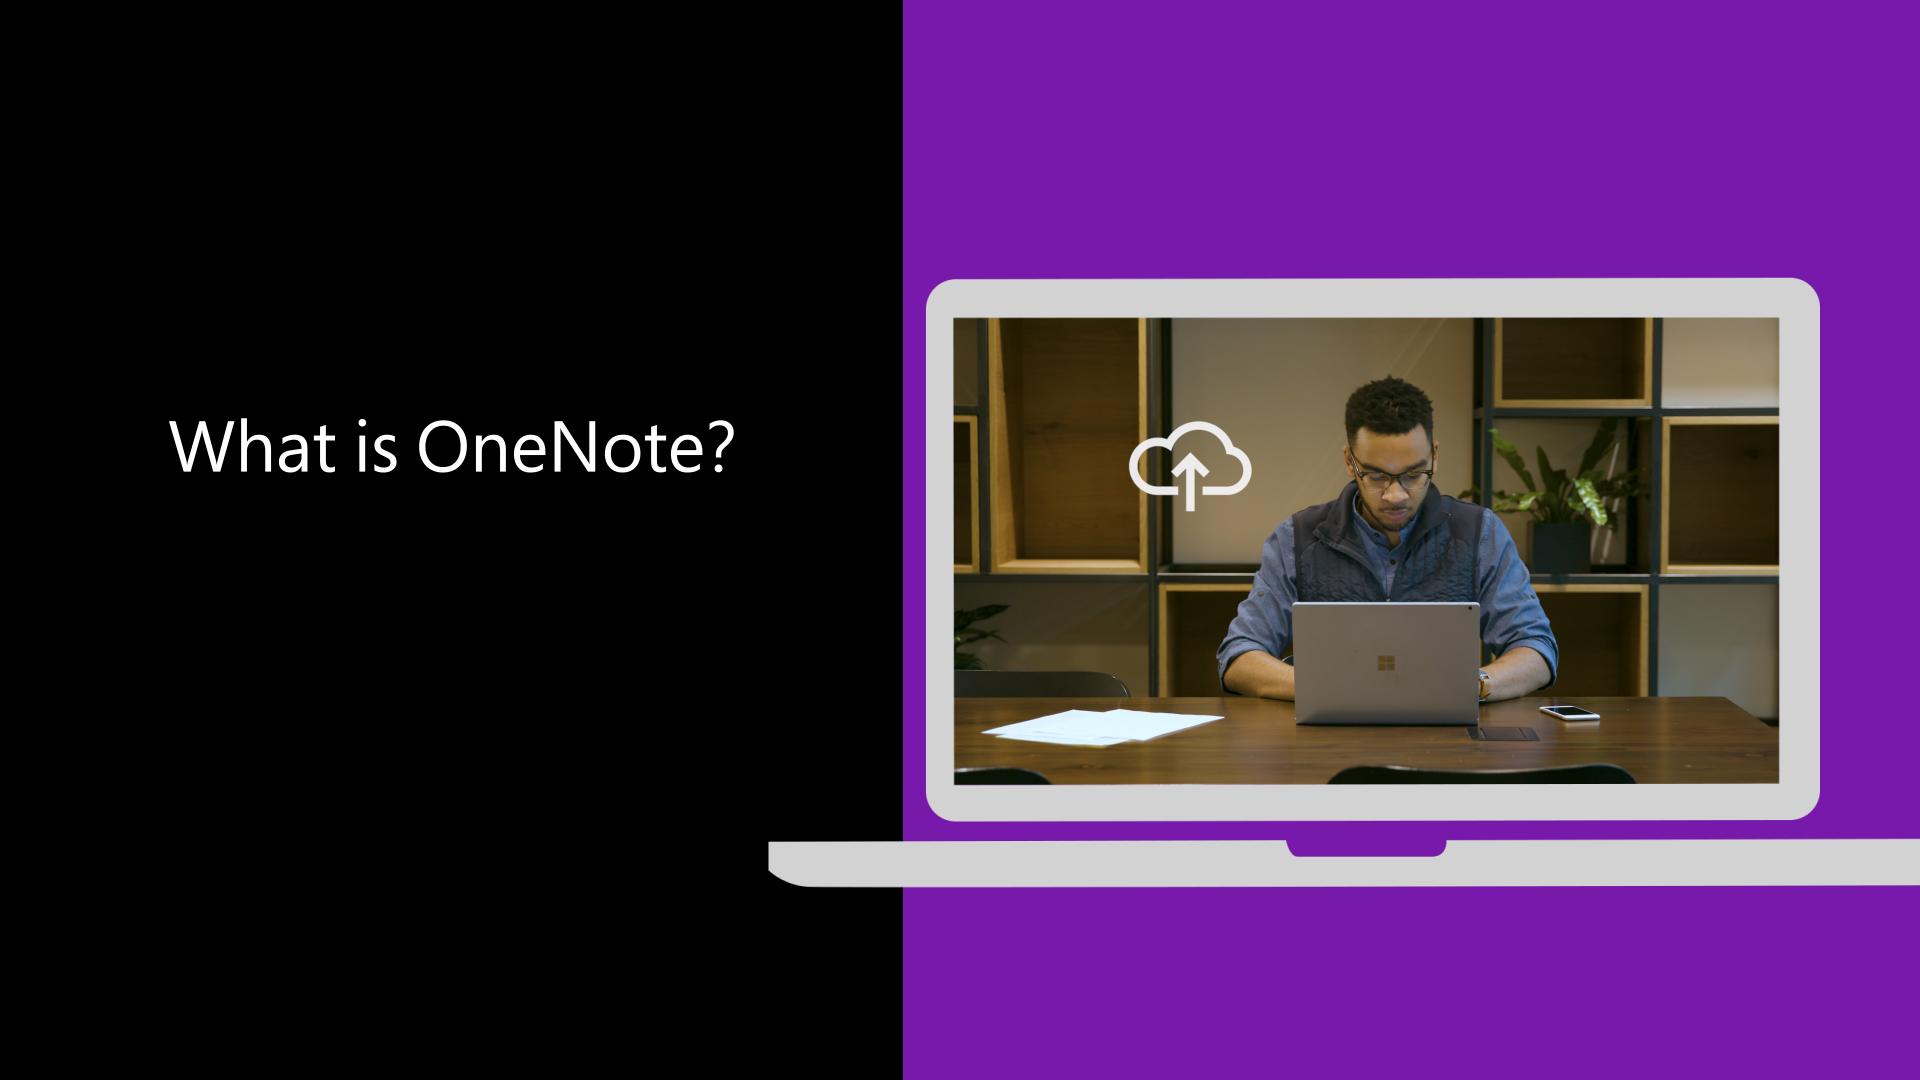 micro onenote